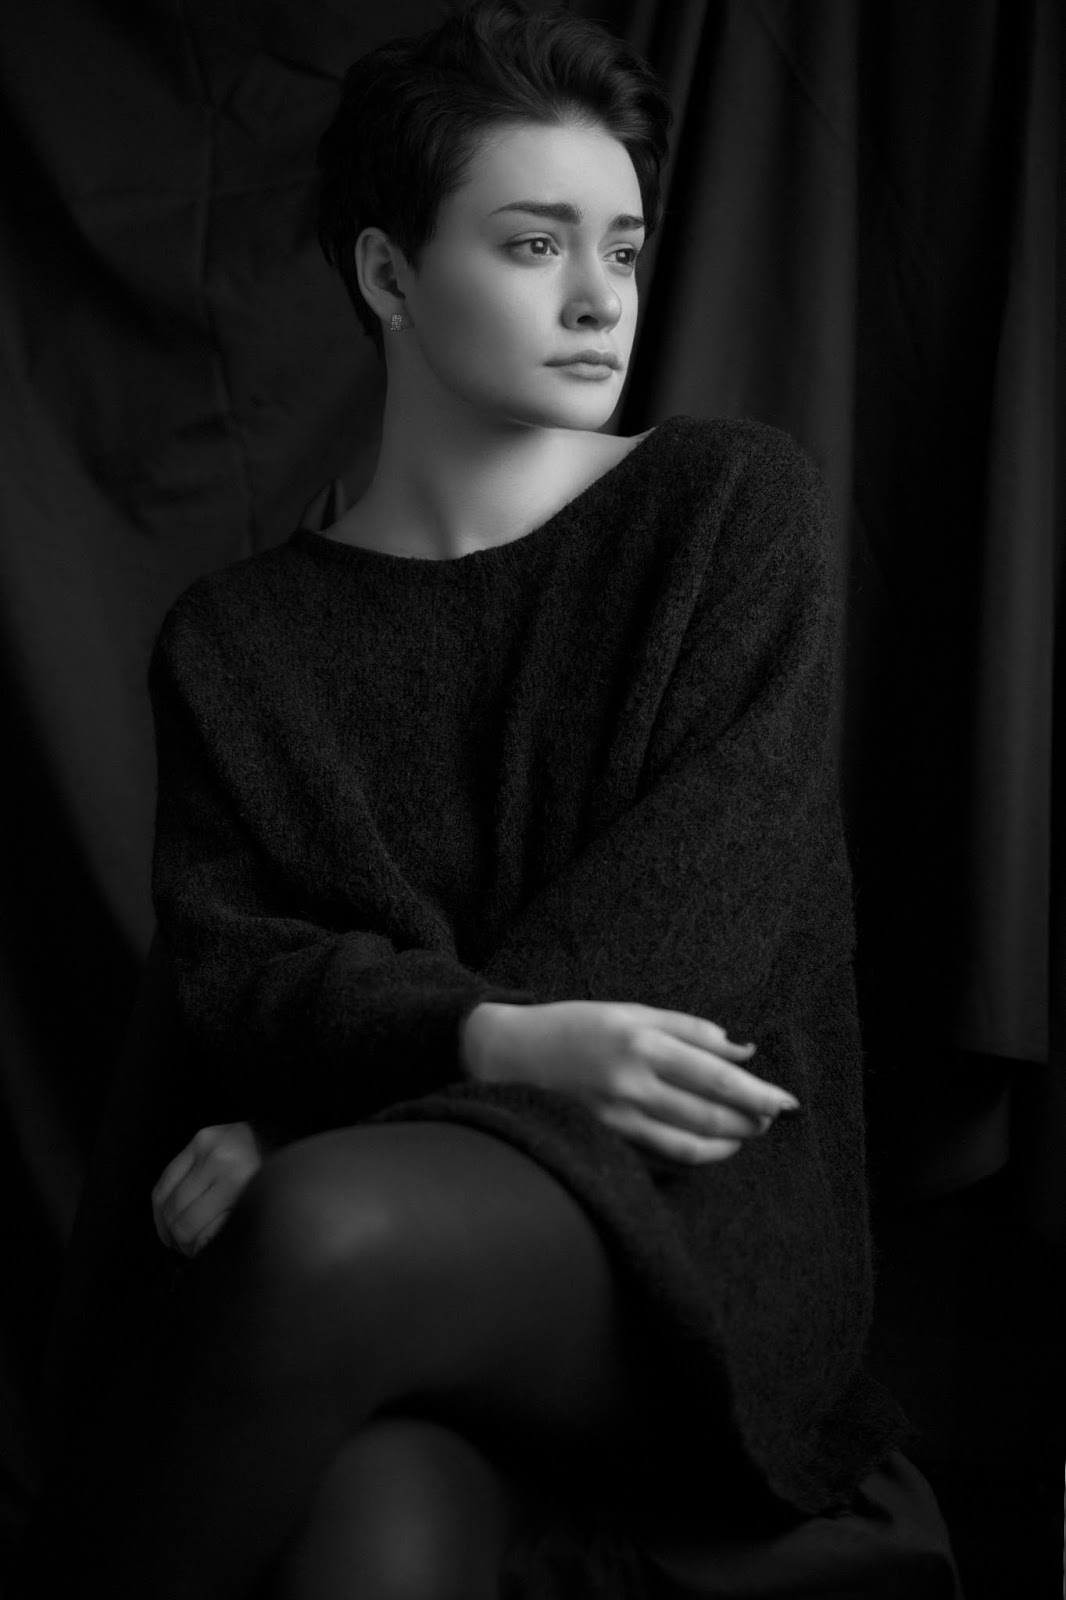 Черно-белый фотопортрет